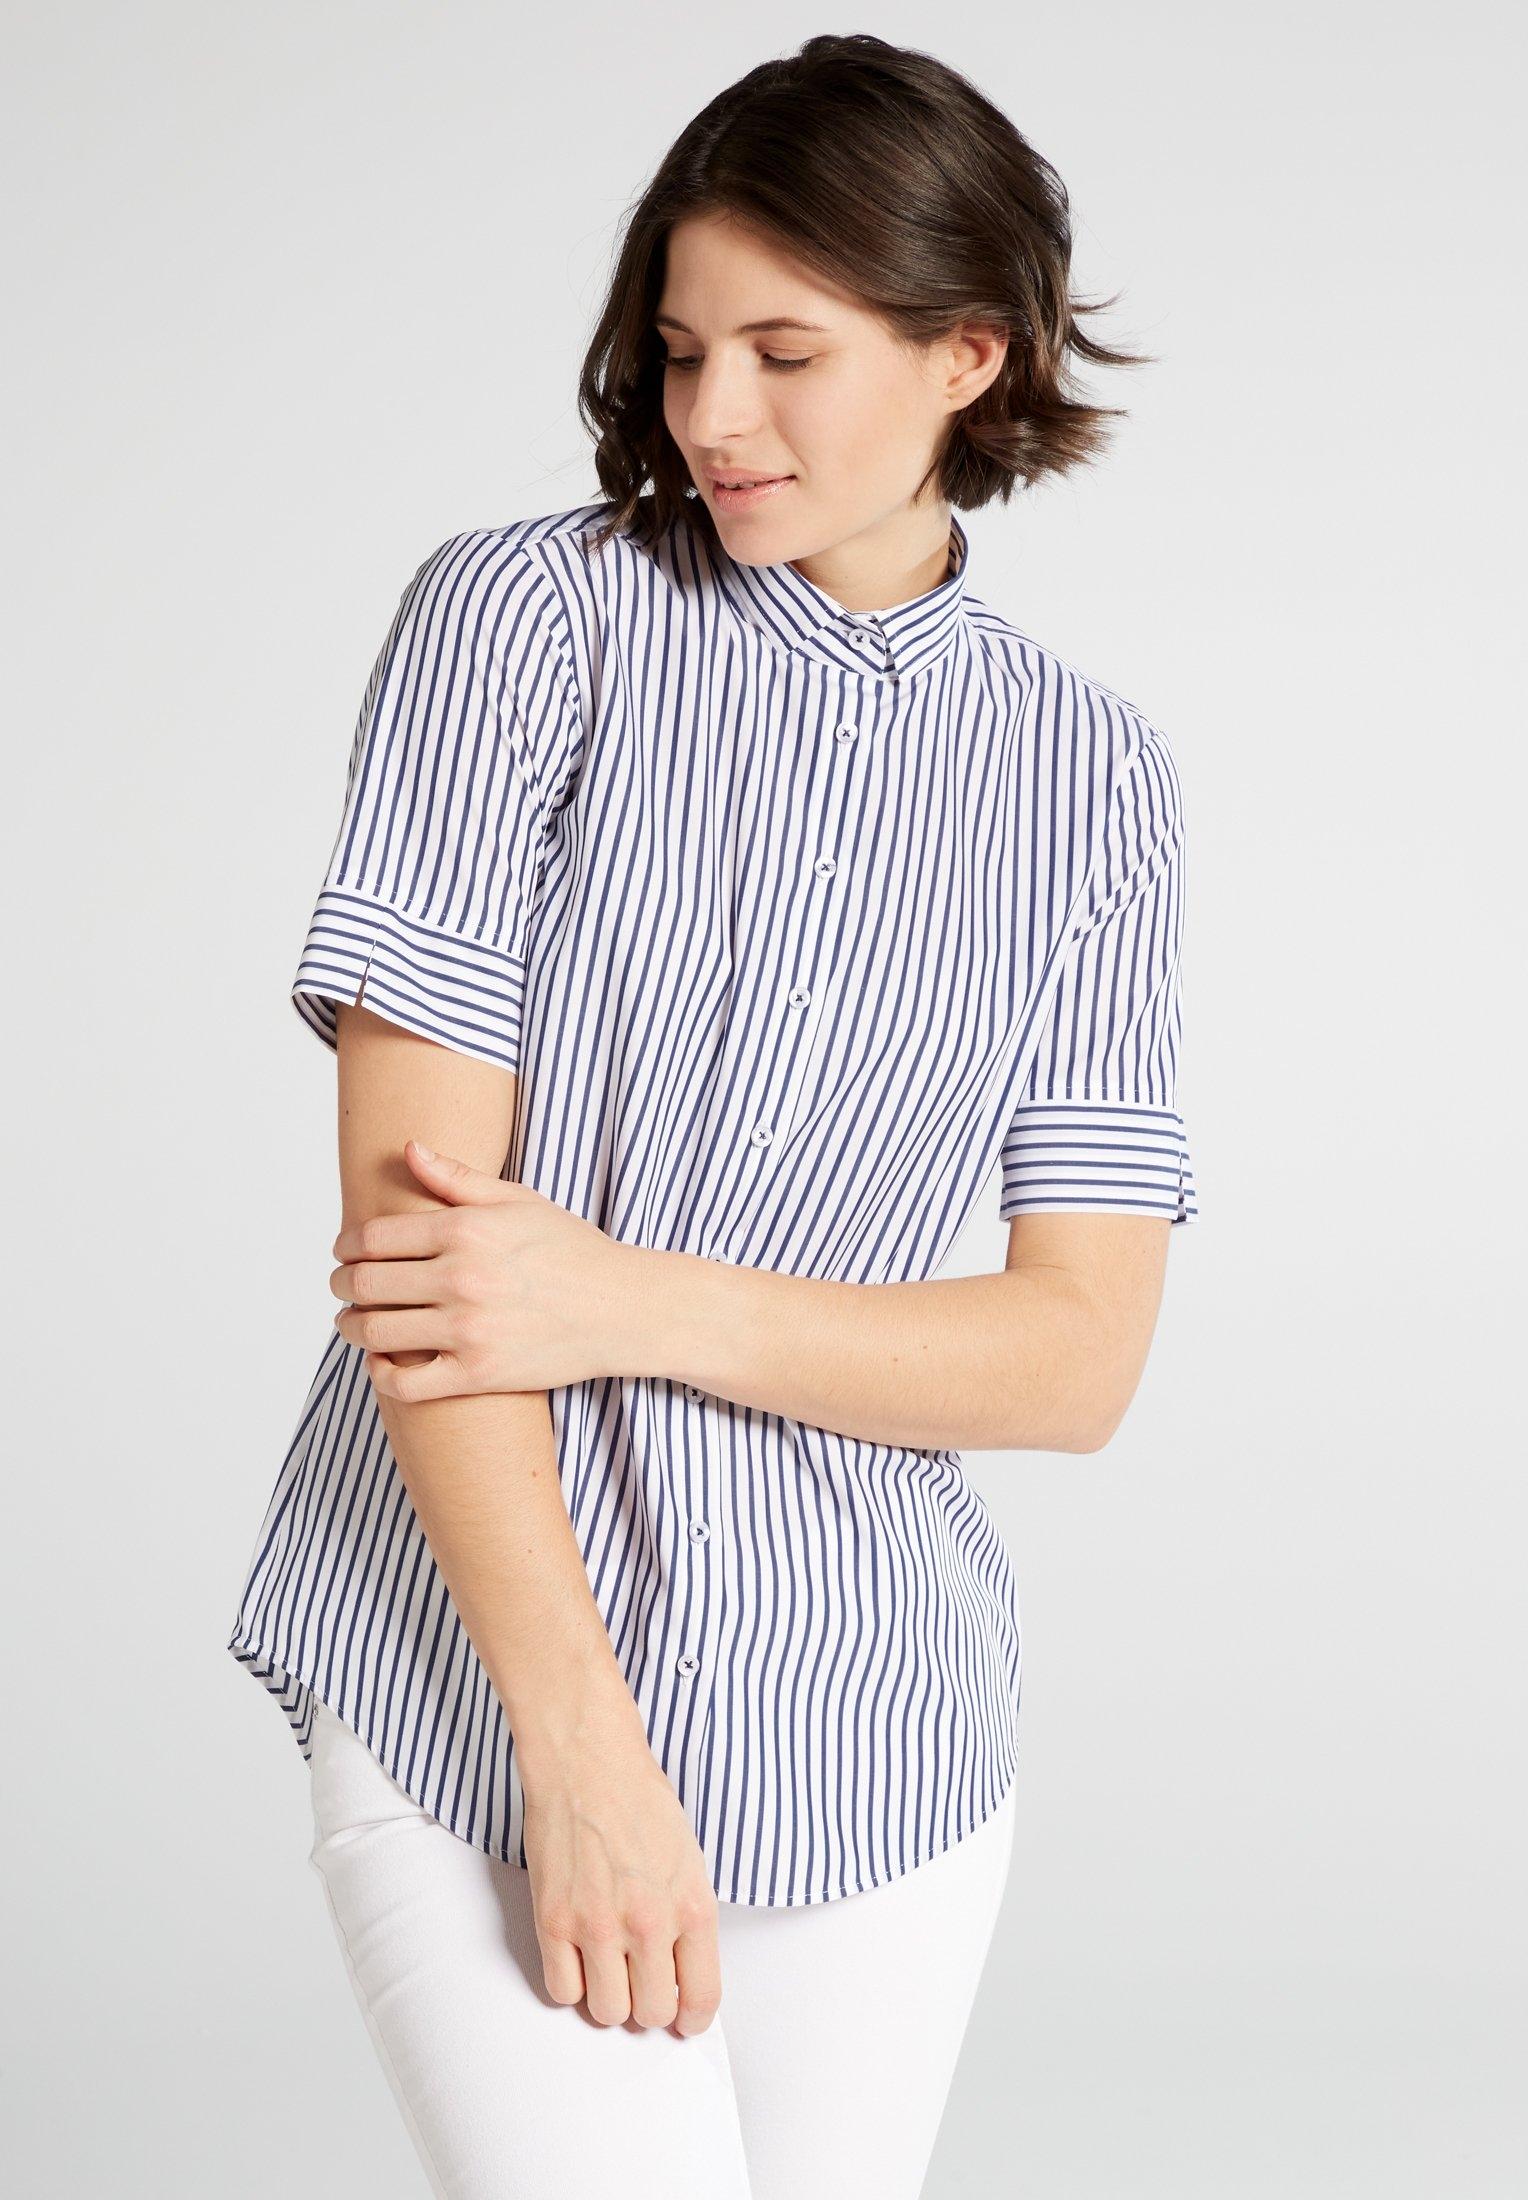 Eterna blouse met korte mouwen MODERN CLASSIC Korte mouwen - verschillende betaalmethodes